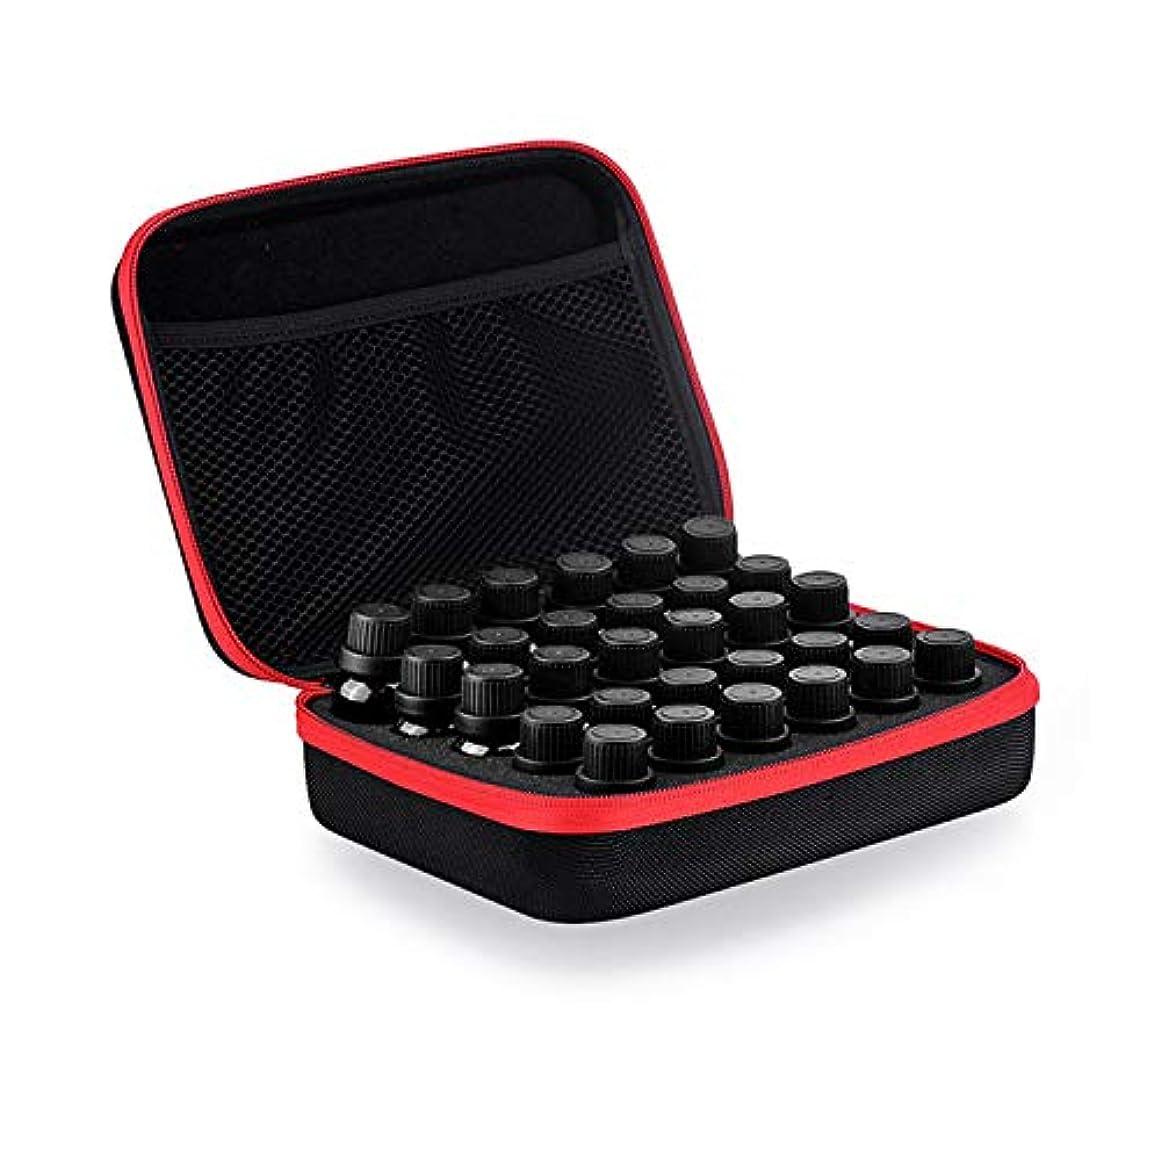 矢じり保護するデータCoteco 精油 ケース 化粧品袋30スロットボトルエッセンシャルオイルケース用保護5/10/15ミリリットルローラーエッセンシャルオイルバッグ 旅行 キャリング 収納オーガナイザー (赤)